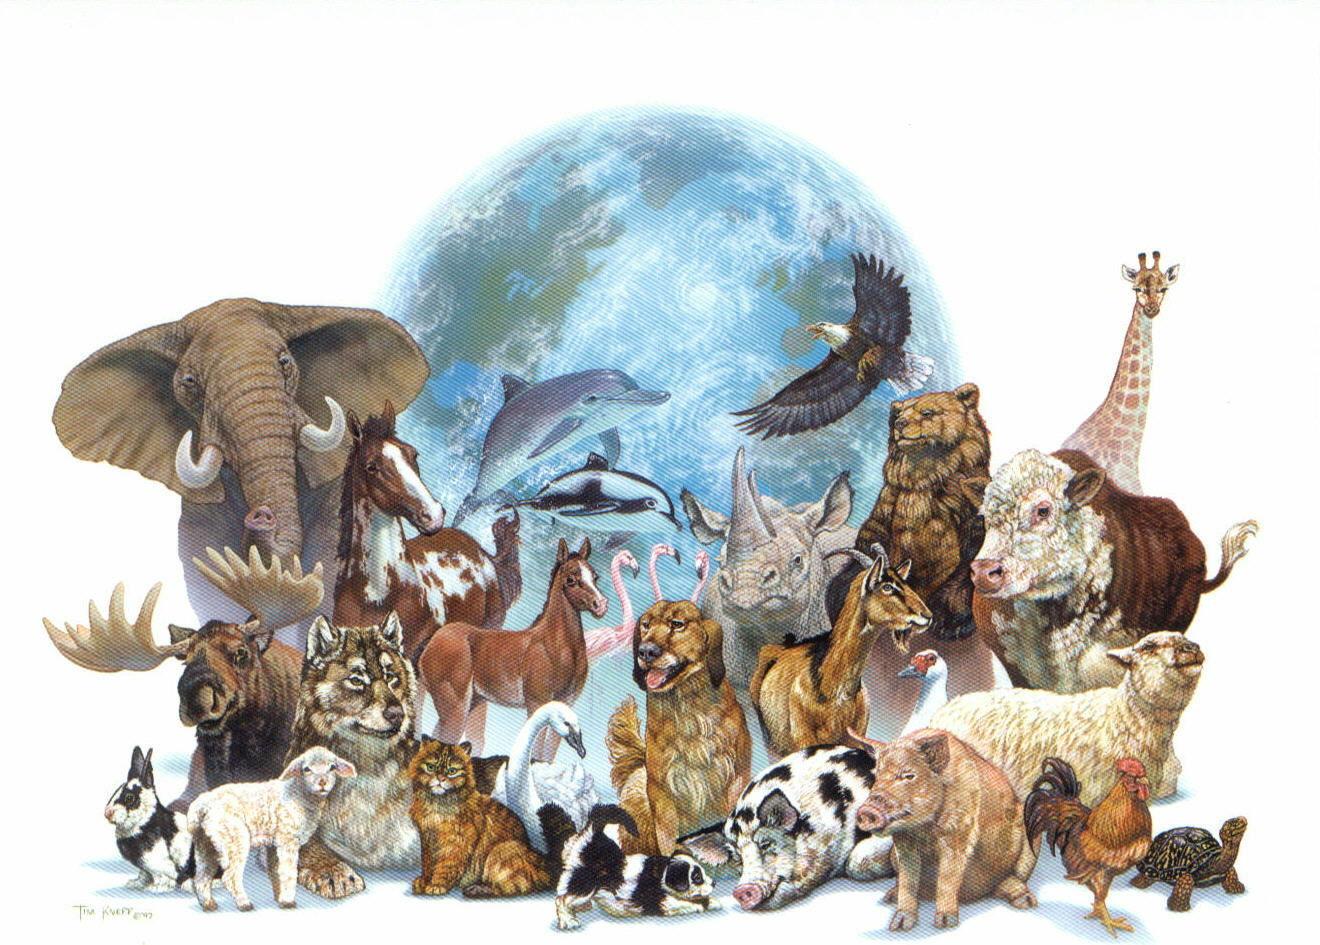 ¿Con qué animales te identificas más?